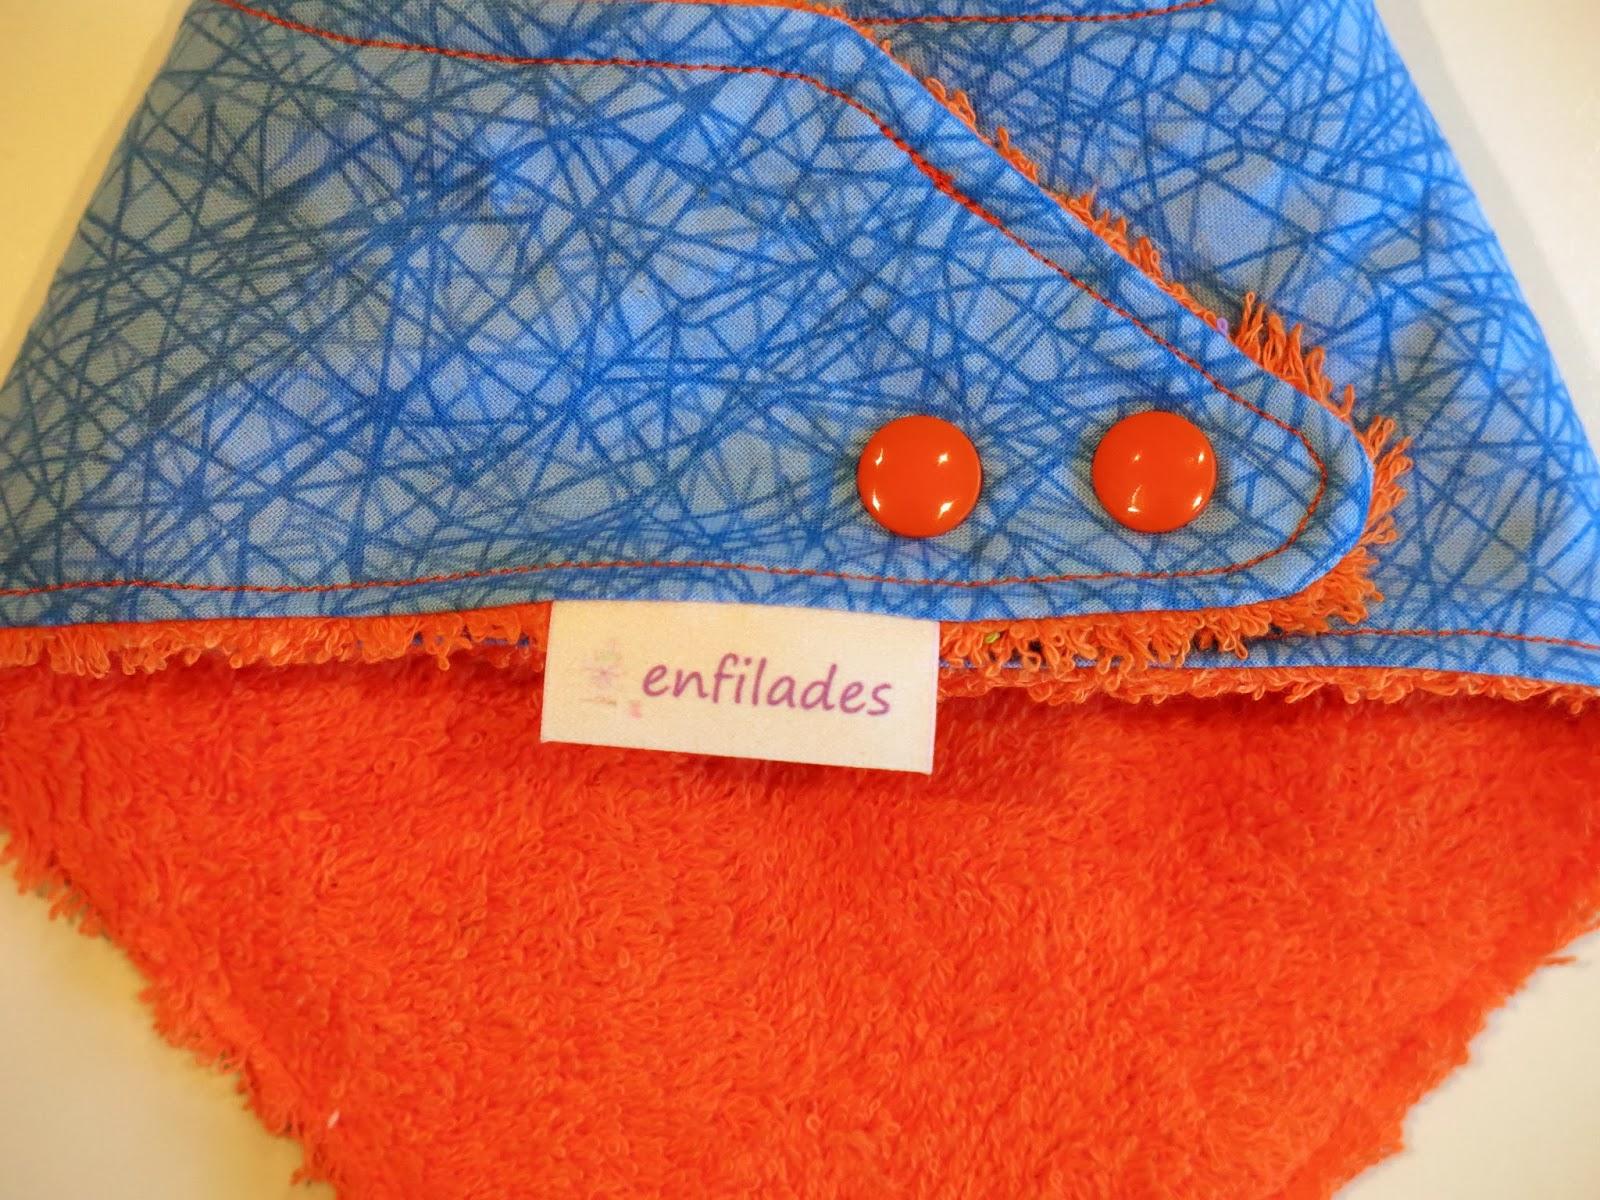 pitet bandana blau ratllat darrere - serie Escola enfilades.cat